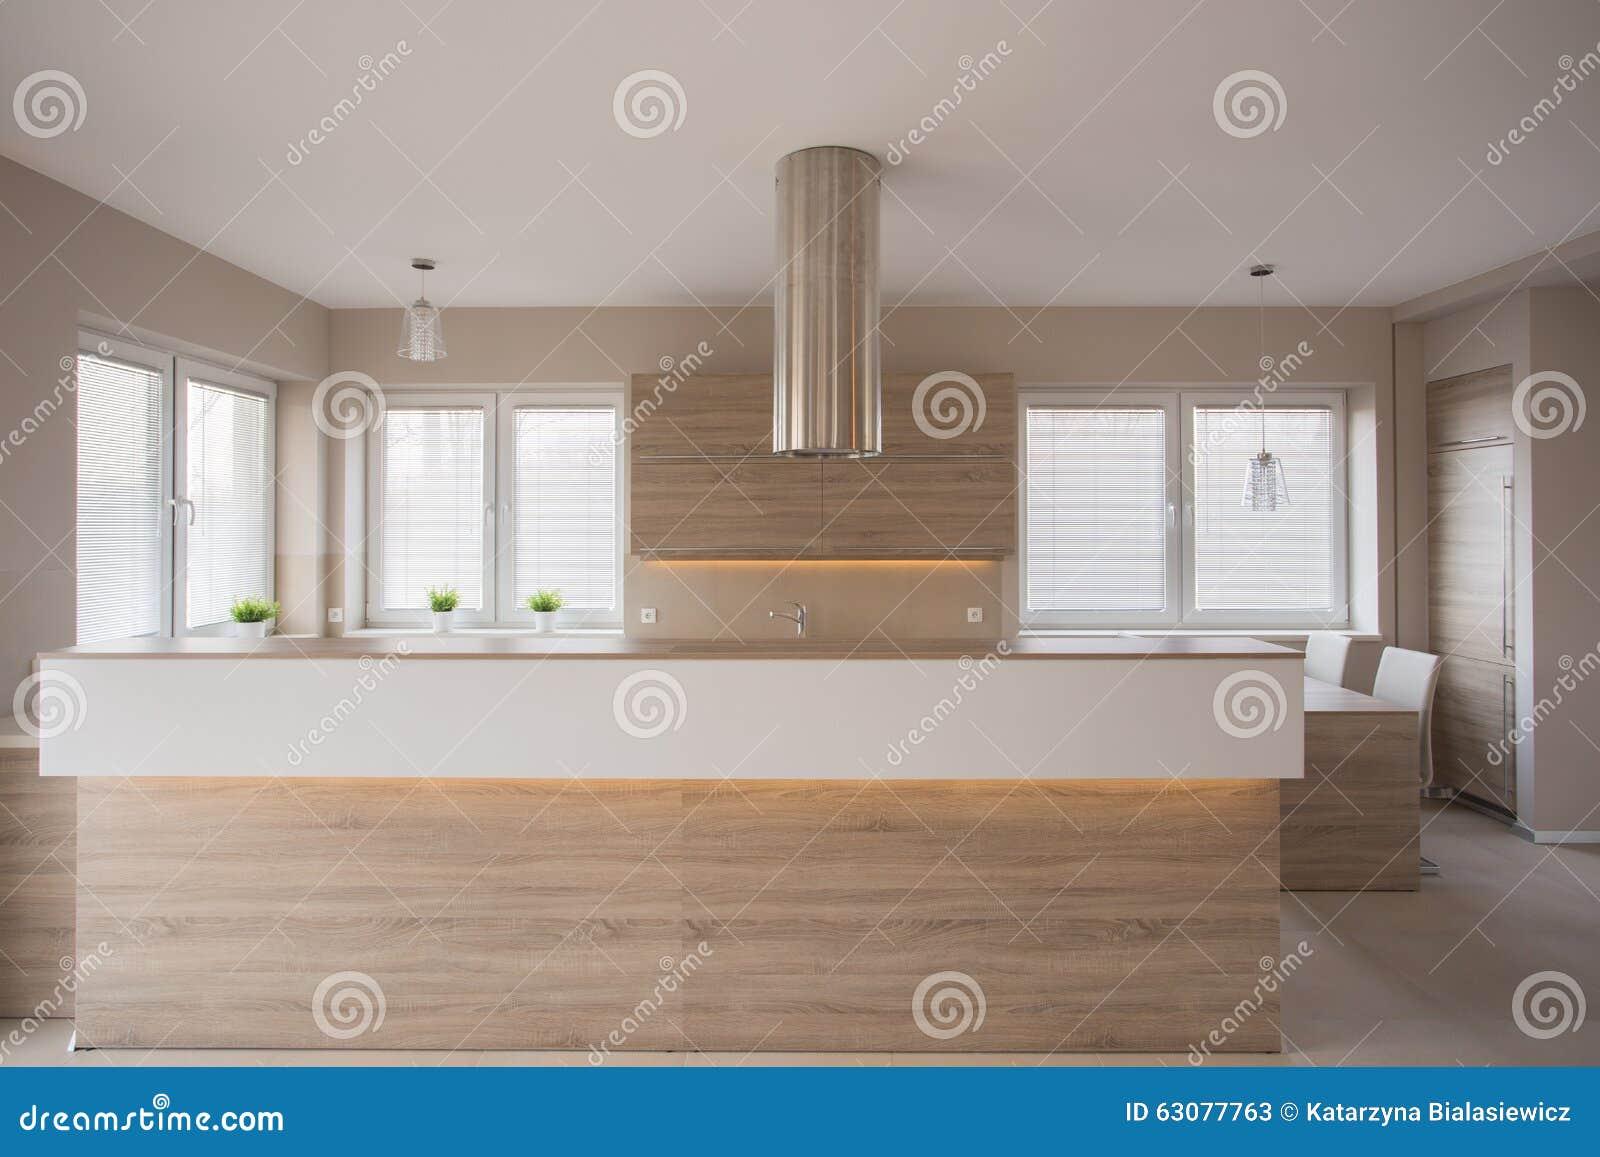 Muebles de madera en cocina de lujo foto de archivo - Muebles de cocina de lujo ...